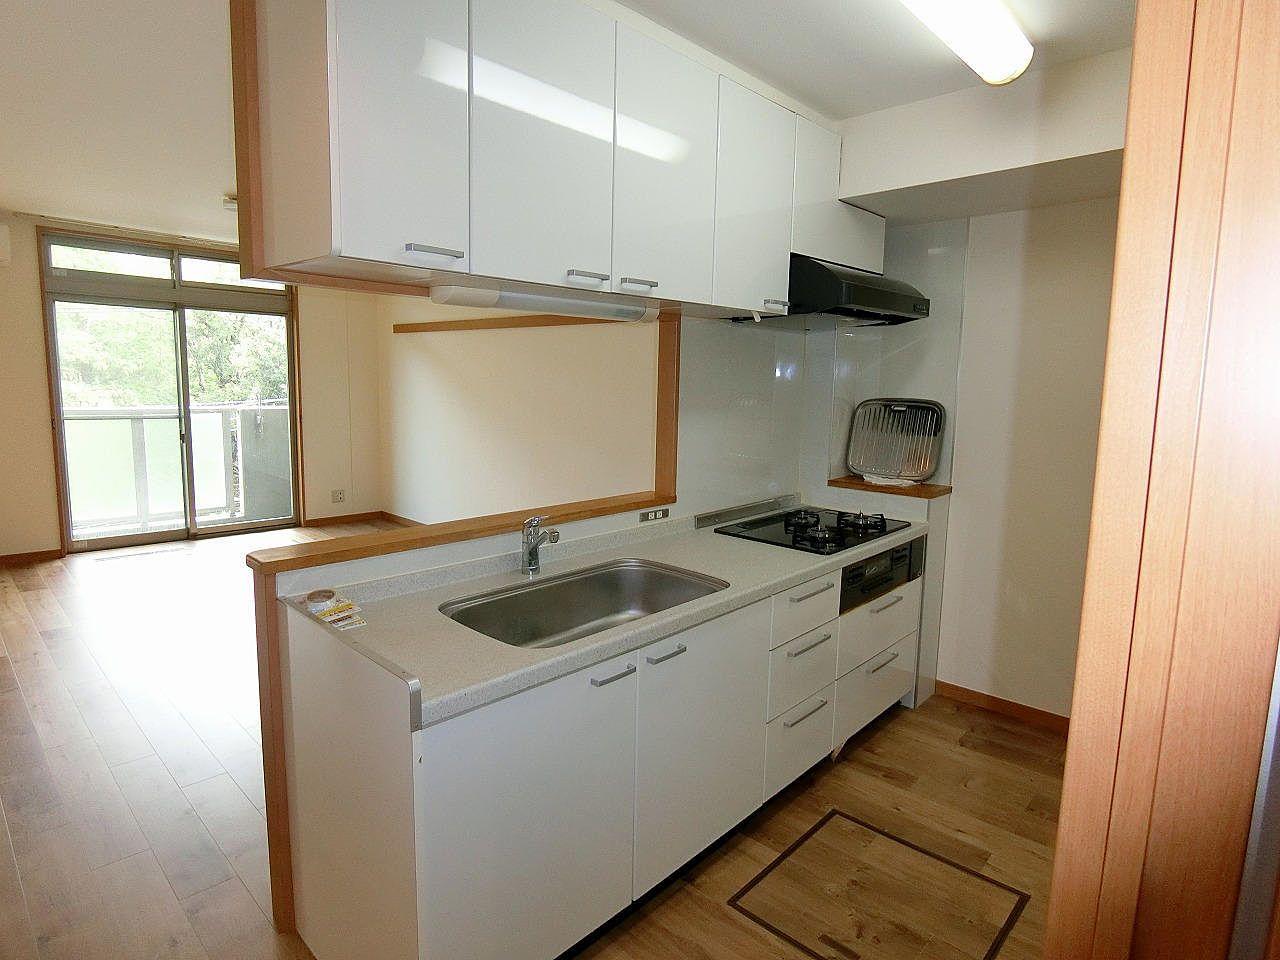 https://coopers.jp/contents/9224なかなか空きの出ないマンション、8月下旬退去予定です。退去前なので、室内写真は、他の部屋の室内写真です。随時ご紹介させていただきます。【地図】【お問い合わせ】